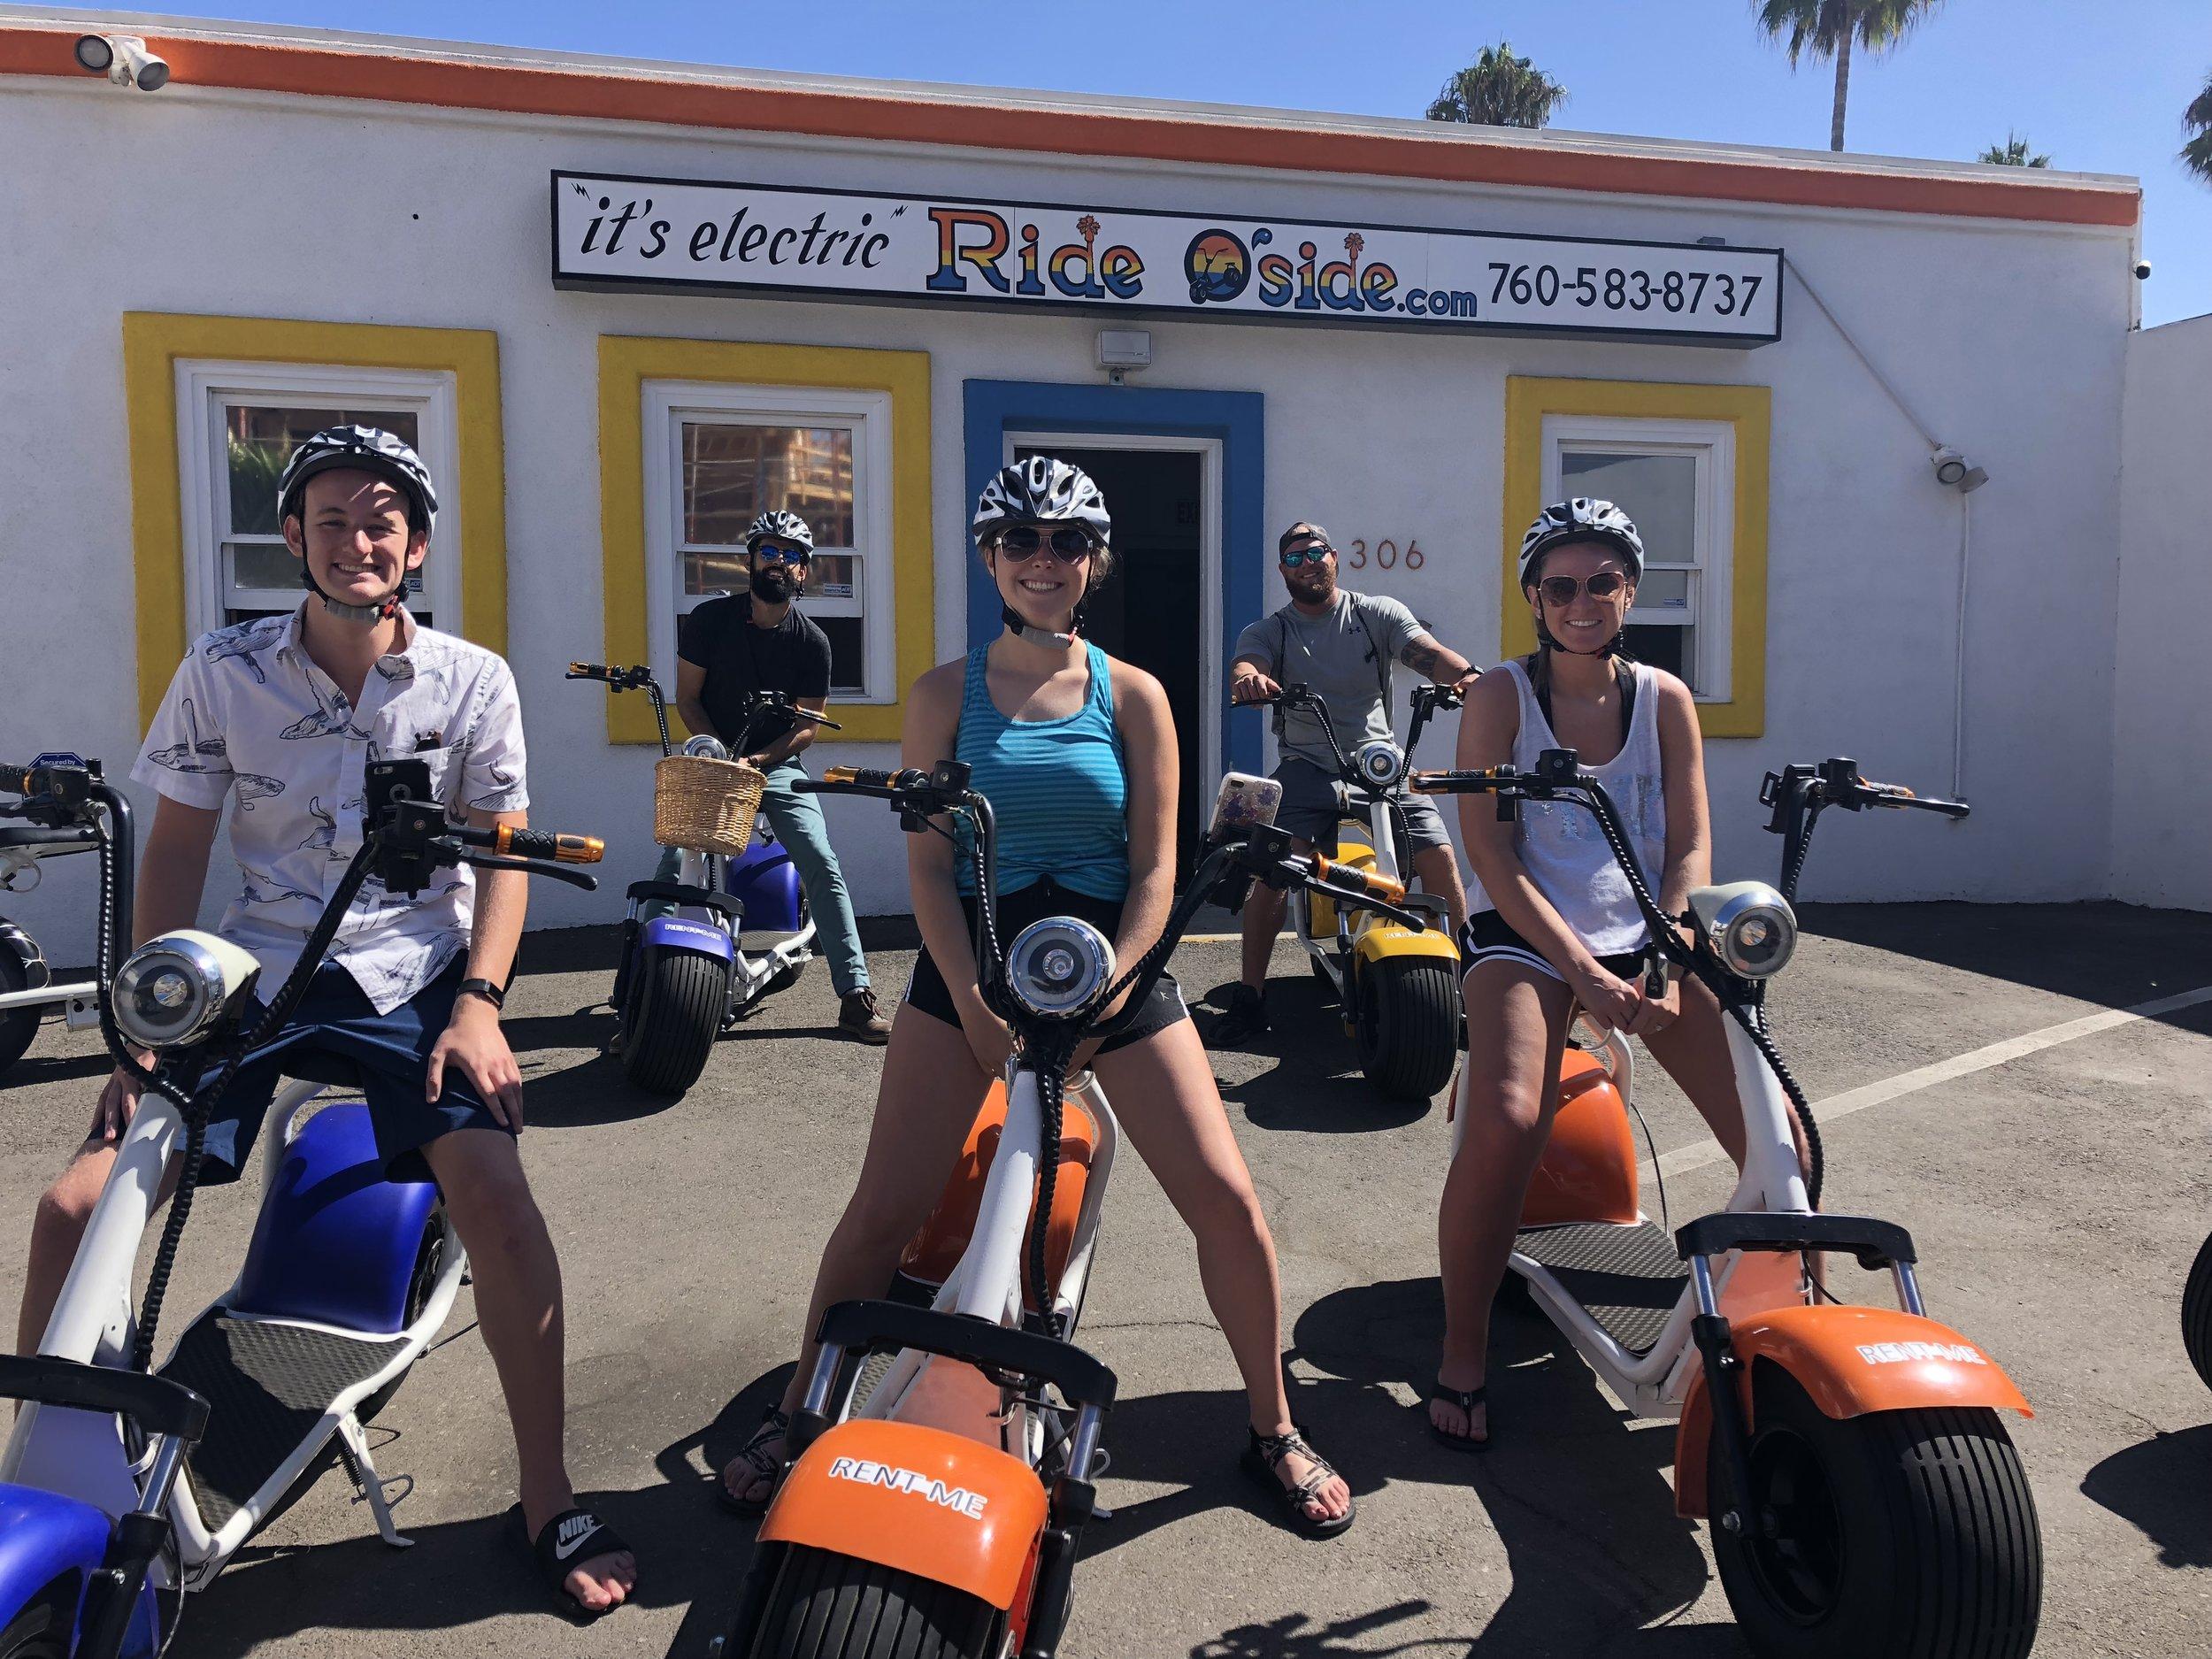 scooter rentals.JPG